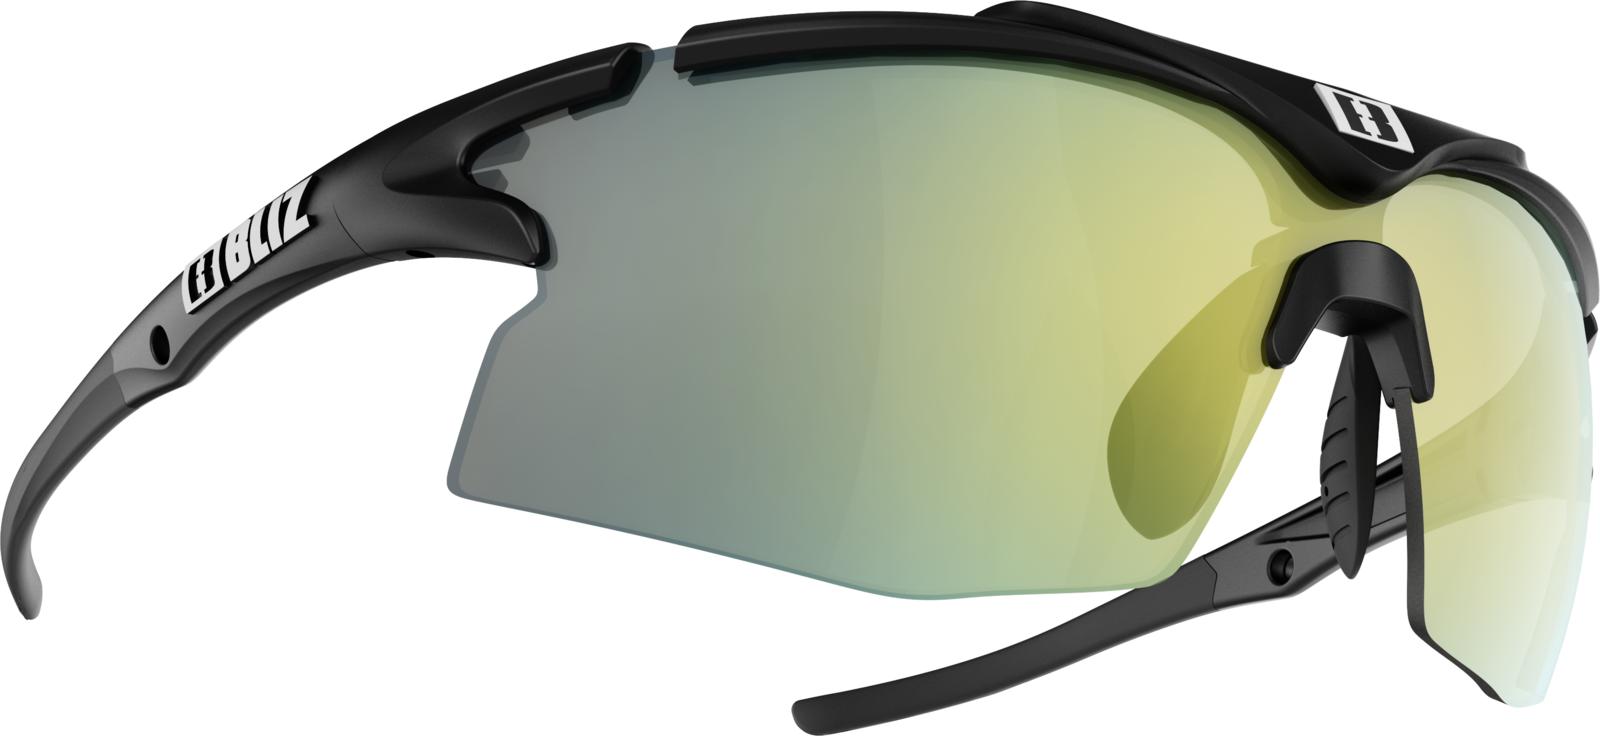 Очки спортивные Bliz Tempo, для беговых лыж, велоспорта, цвет: черный